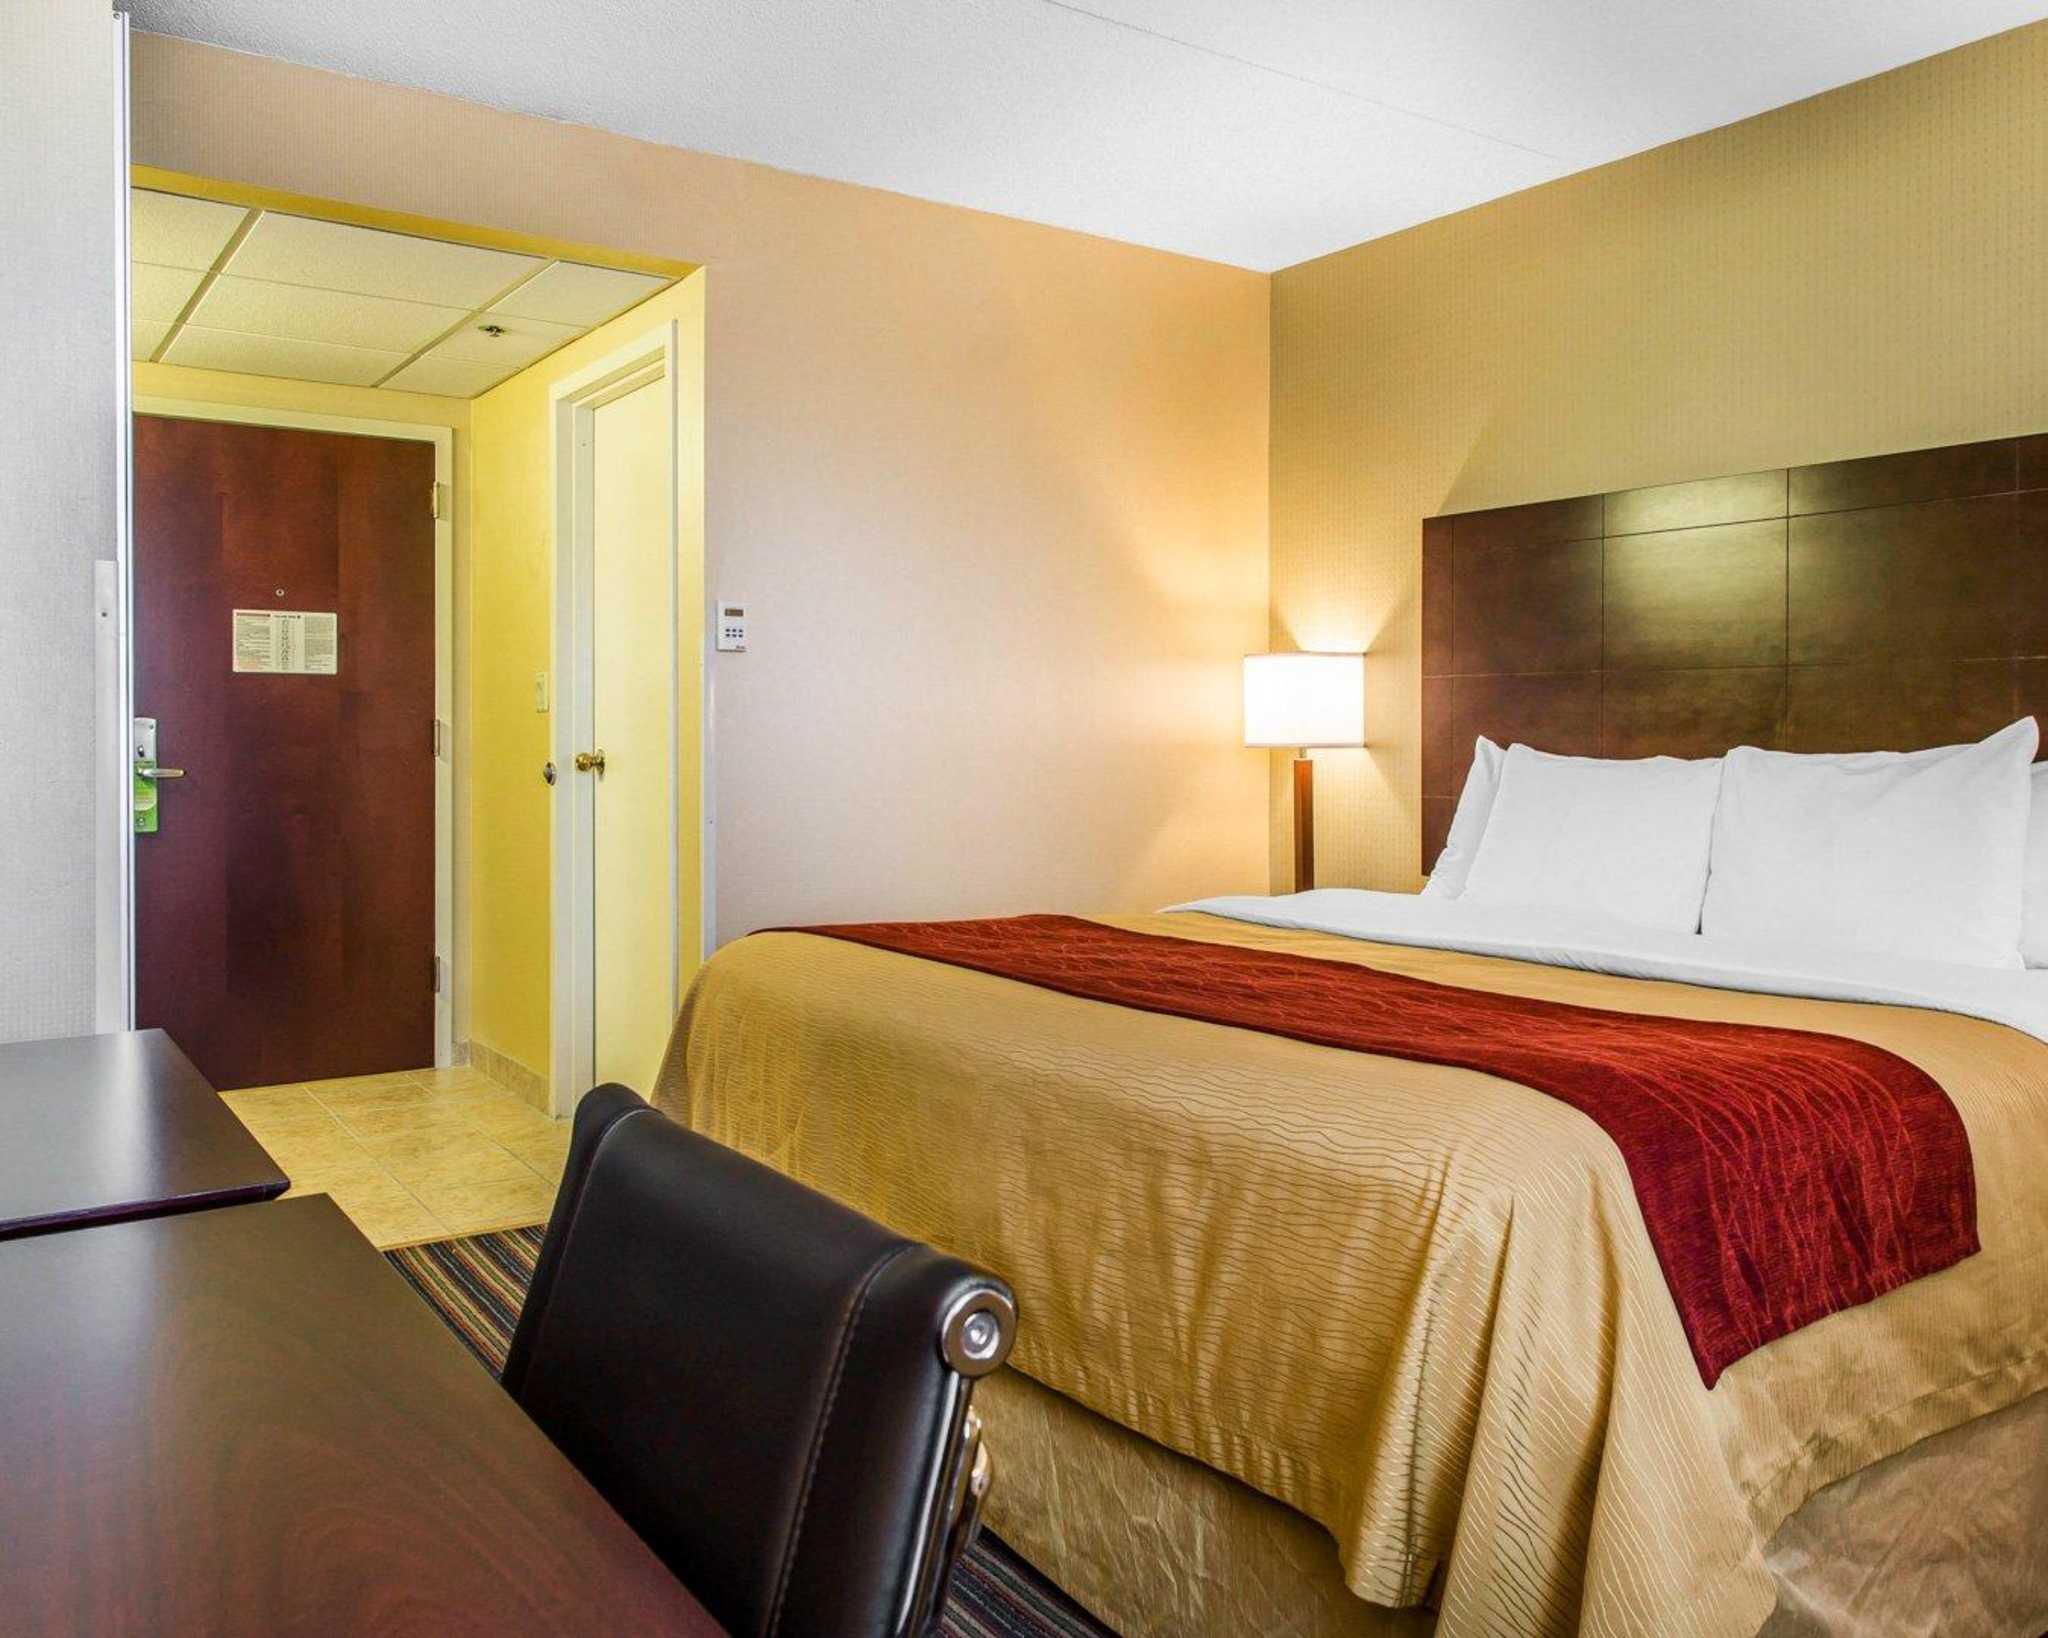 Comfort Inn & Suites East Hartford - Hartford image 12